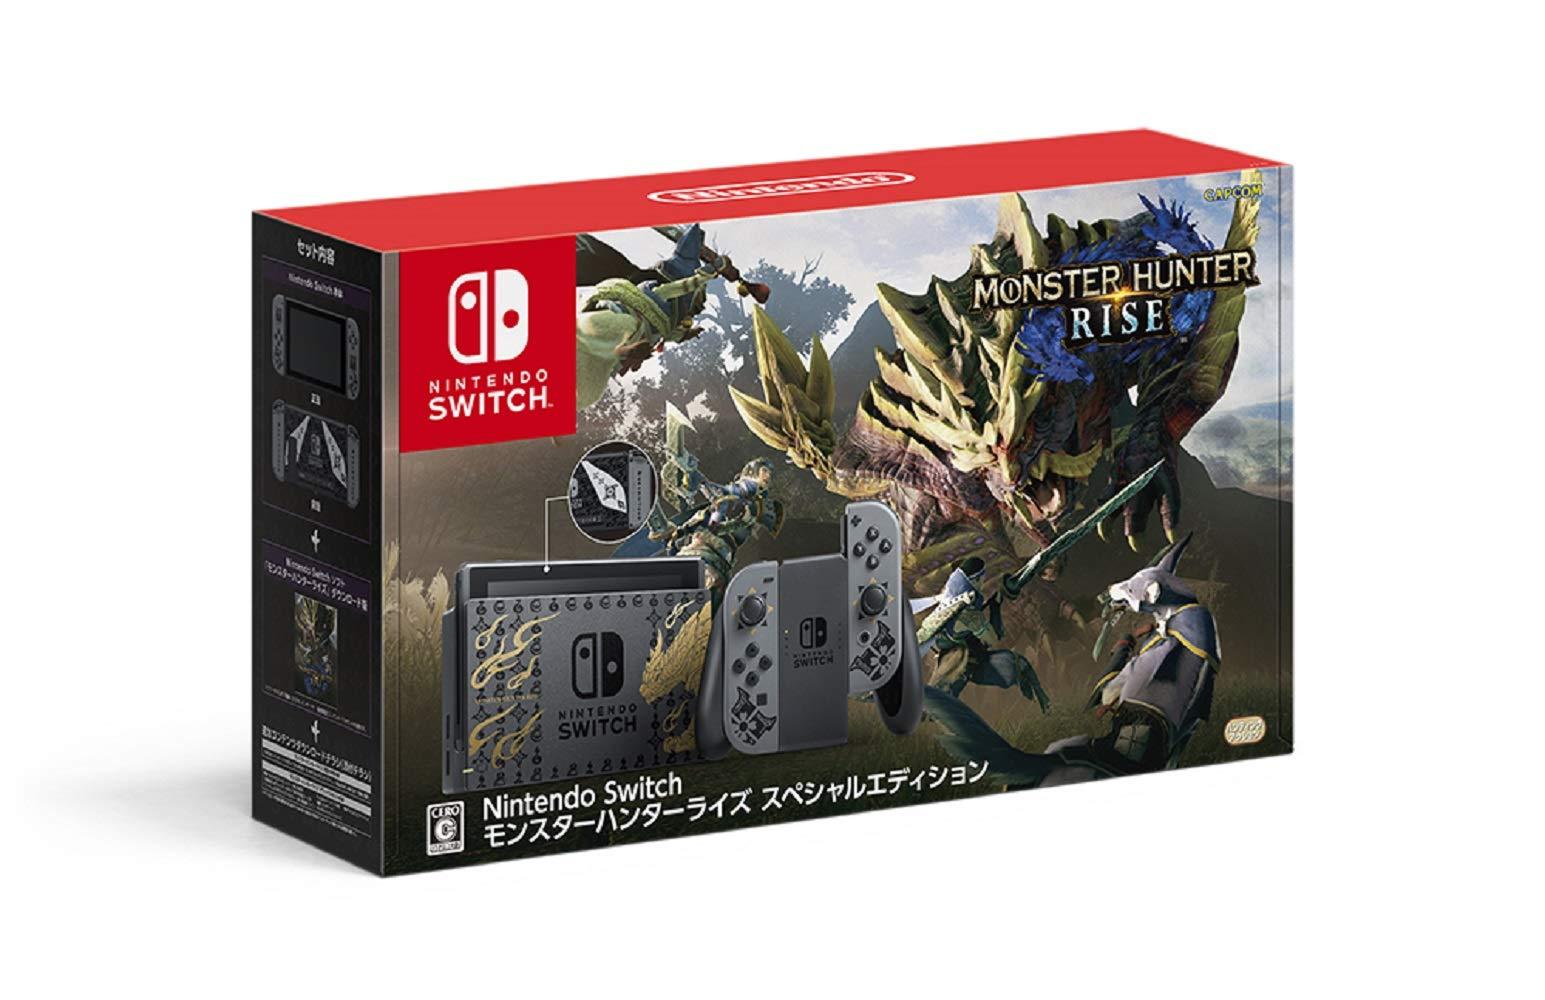 『Nintendo Switch モンスターハンターライズ スペシャルエディション』の抽選販売【ヨドバシ.com】